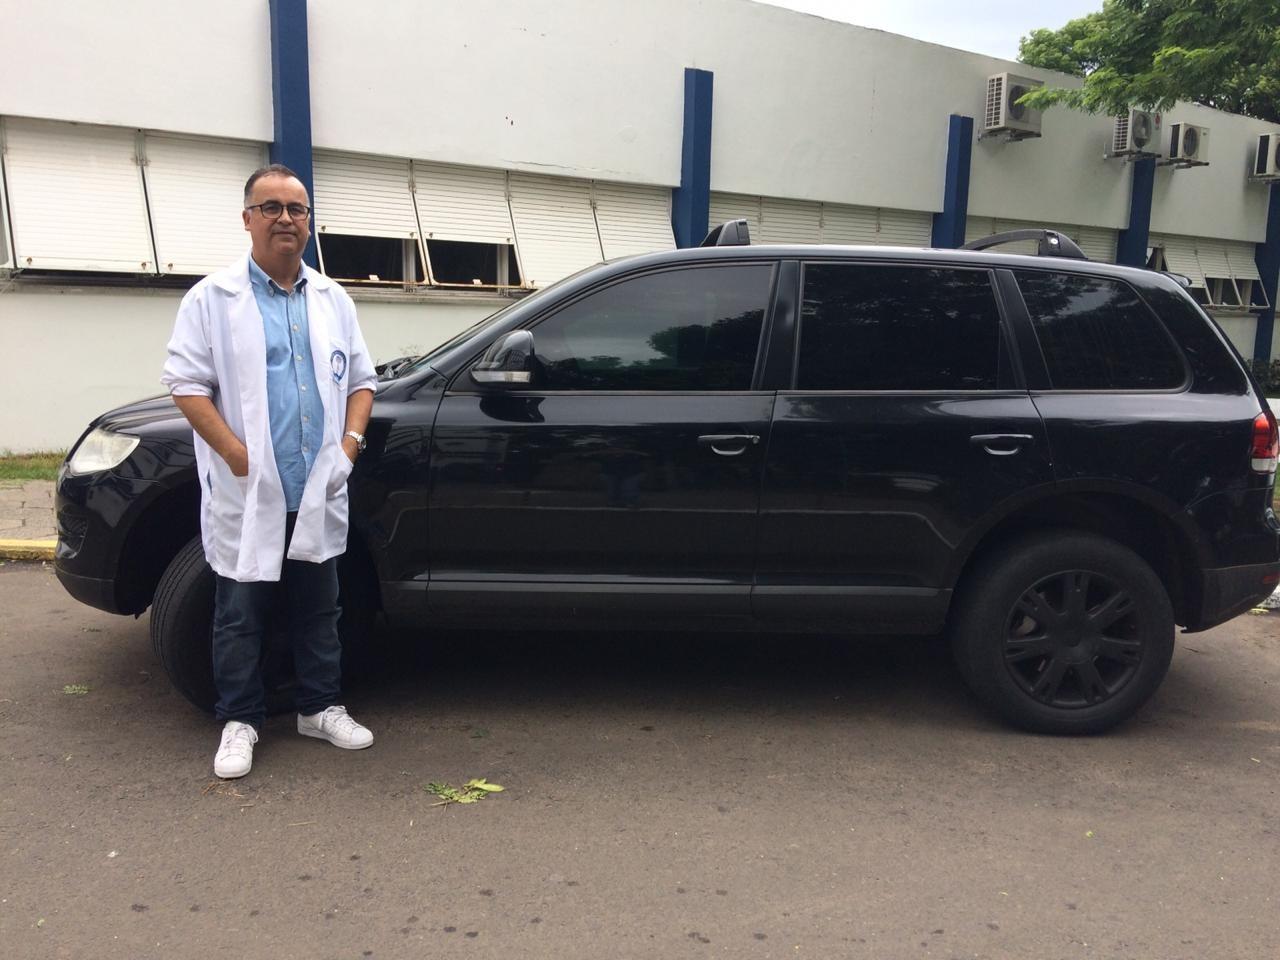 Médico doa carro para rifa e ajuda funcionários com salários atrasados 1